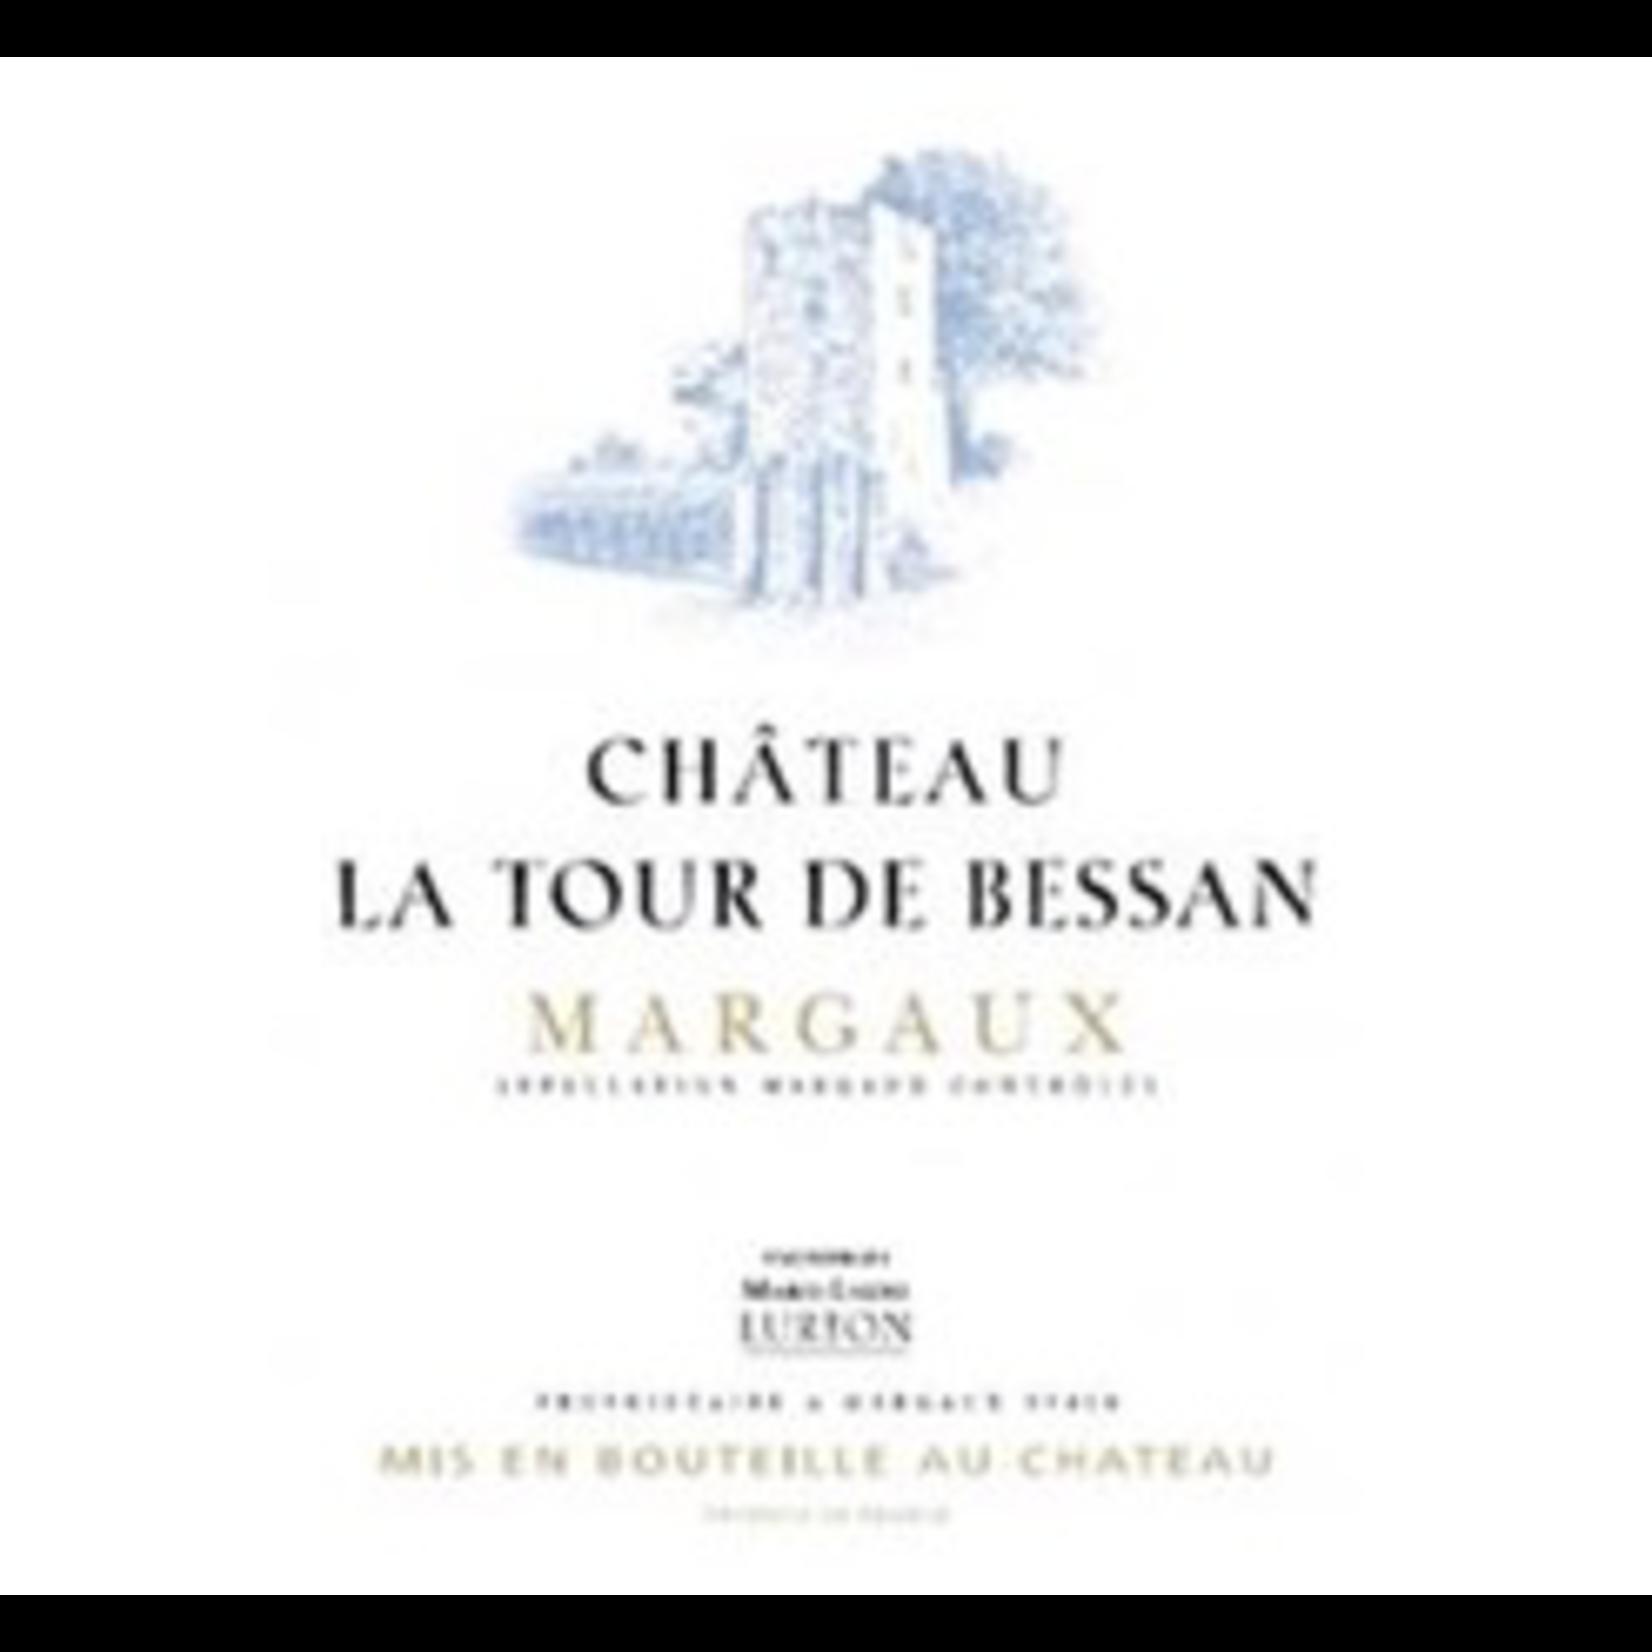 Ch La Tour de Bessan 2018